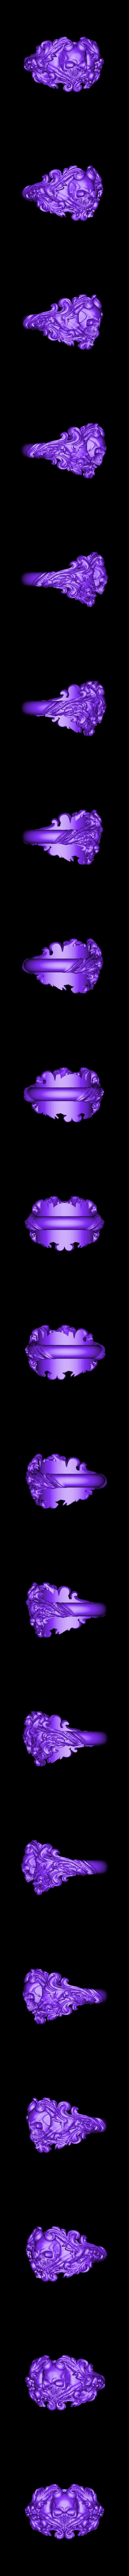 Inner diametr 18mm weight 12gr.obj Download OBJ file Vintage Ring • 3D print template, Roman_Kharikov